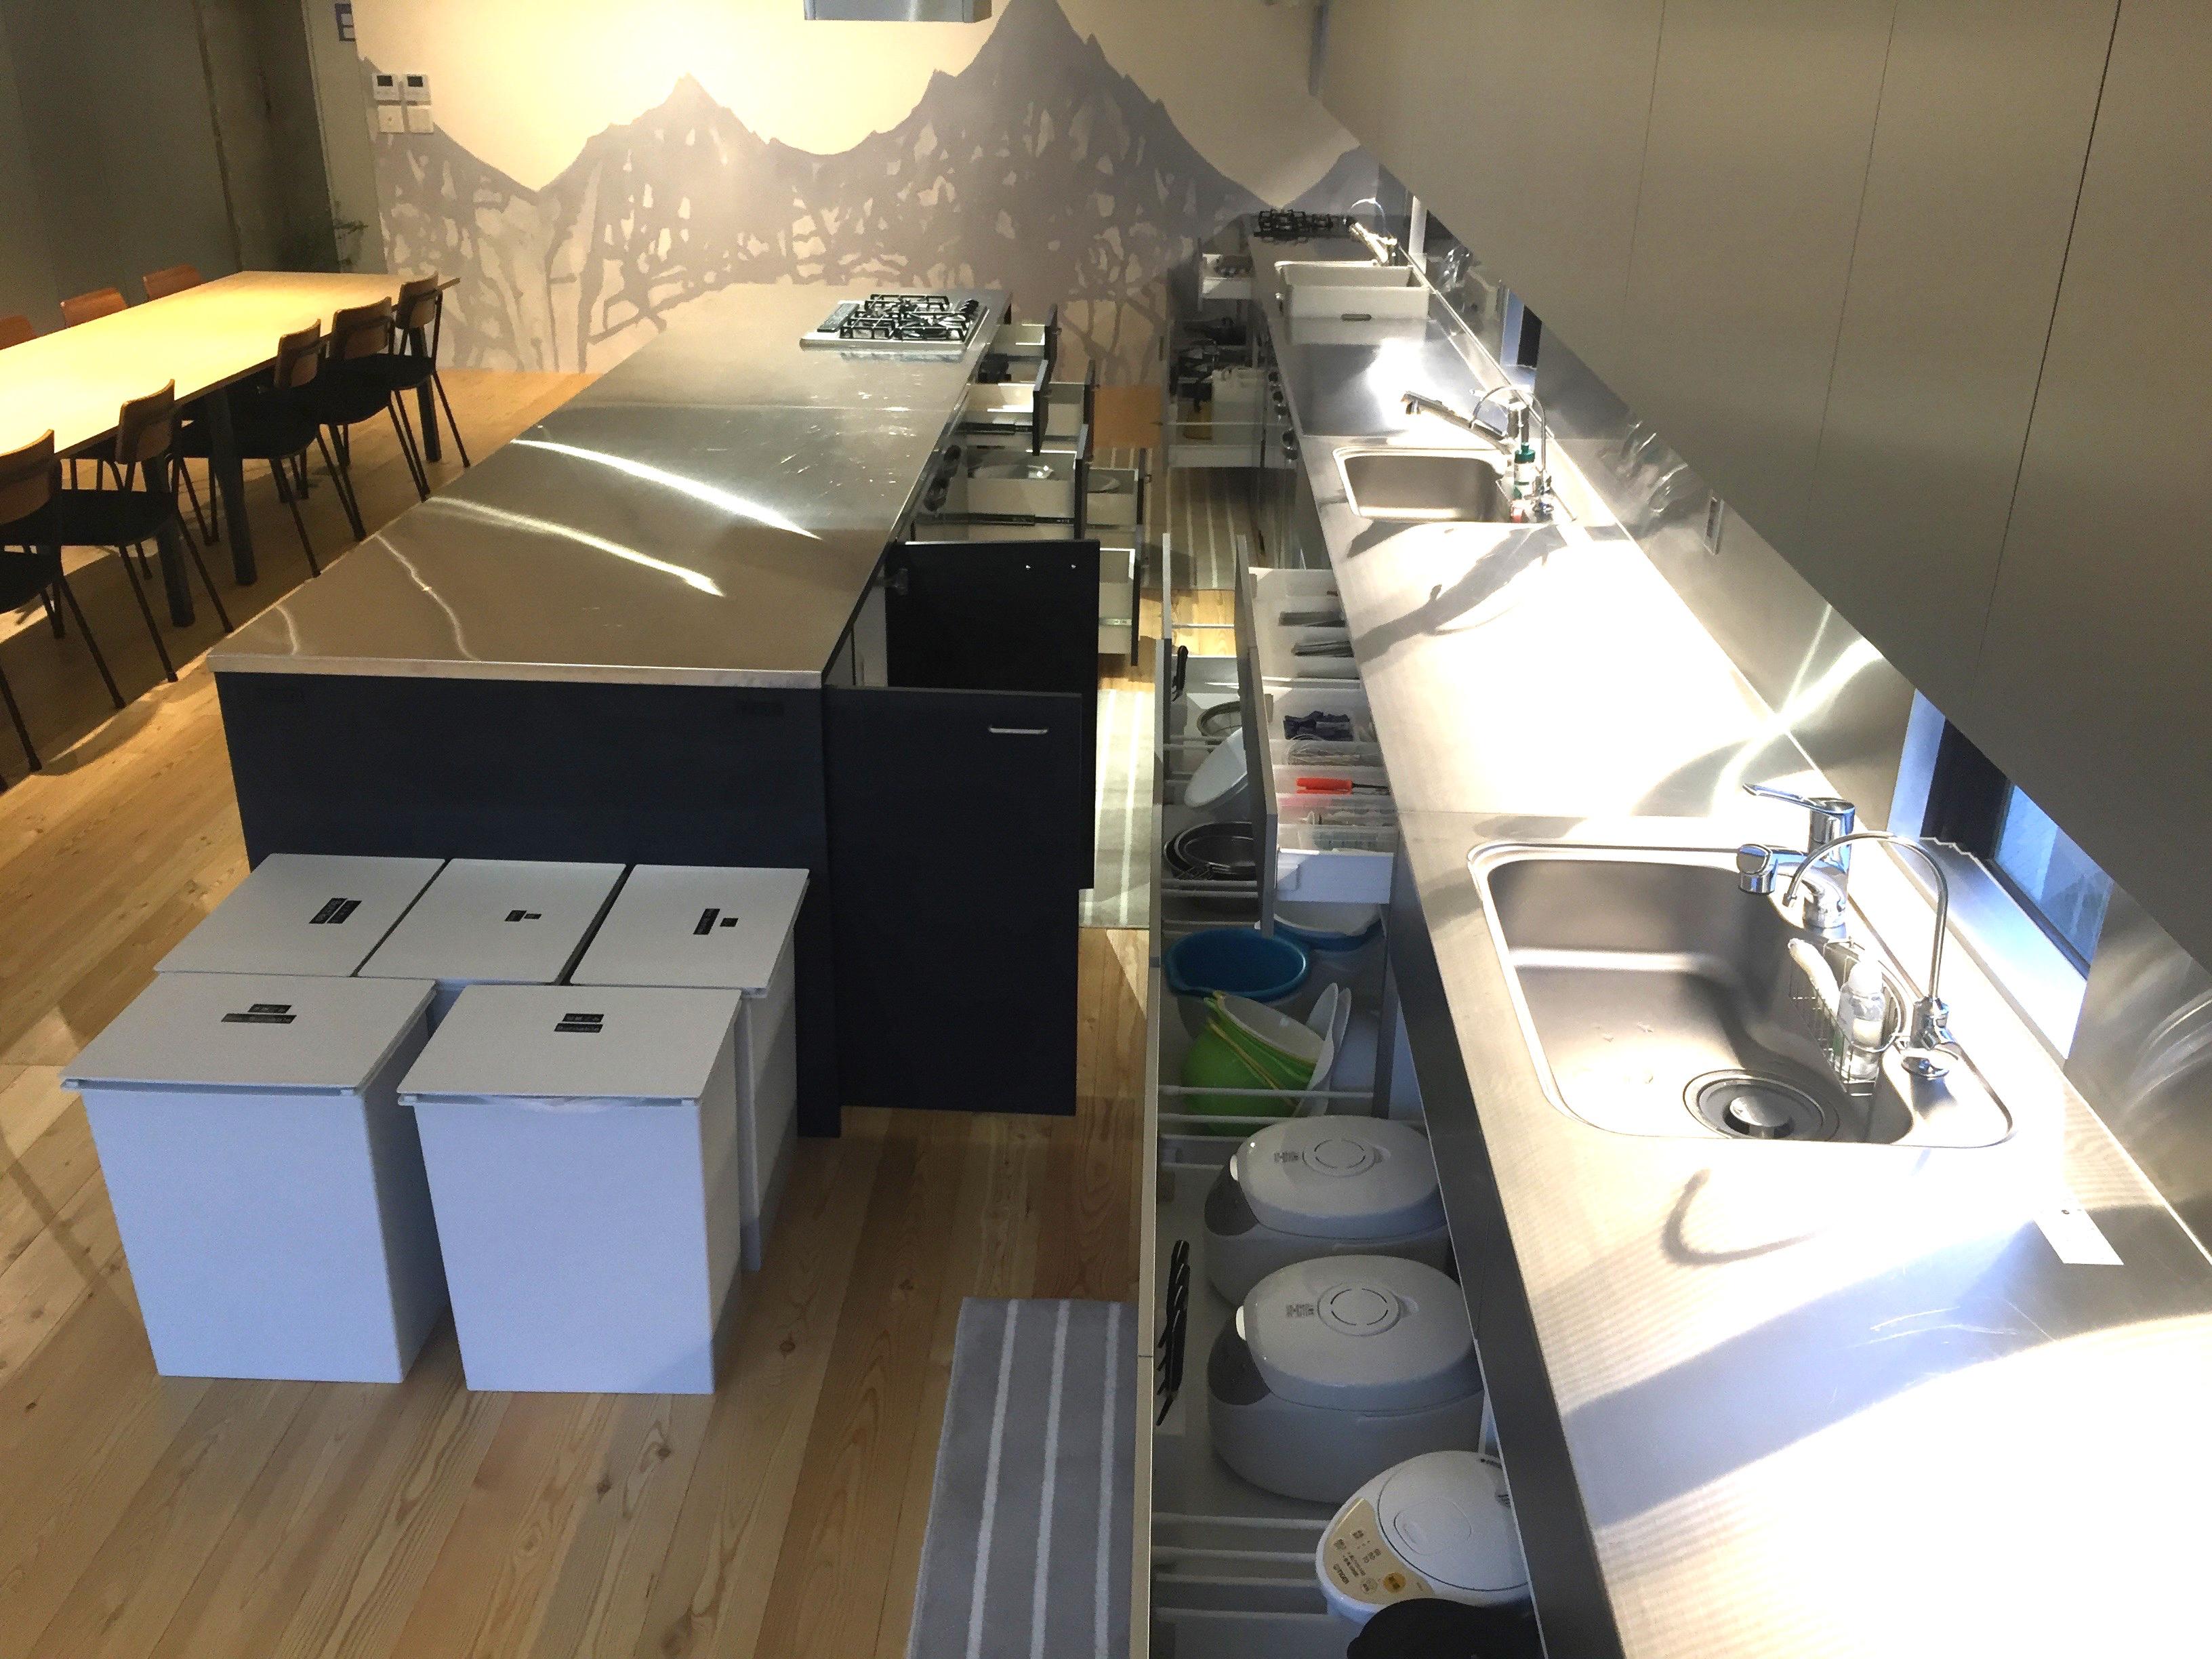 【大人気】2016年3月オープン!本格的でおしゃれな「レンタルキッチンスペースPatia新御茶ノ水店」